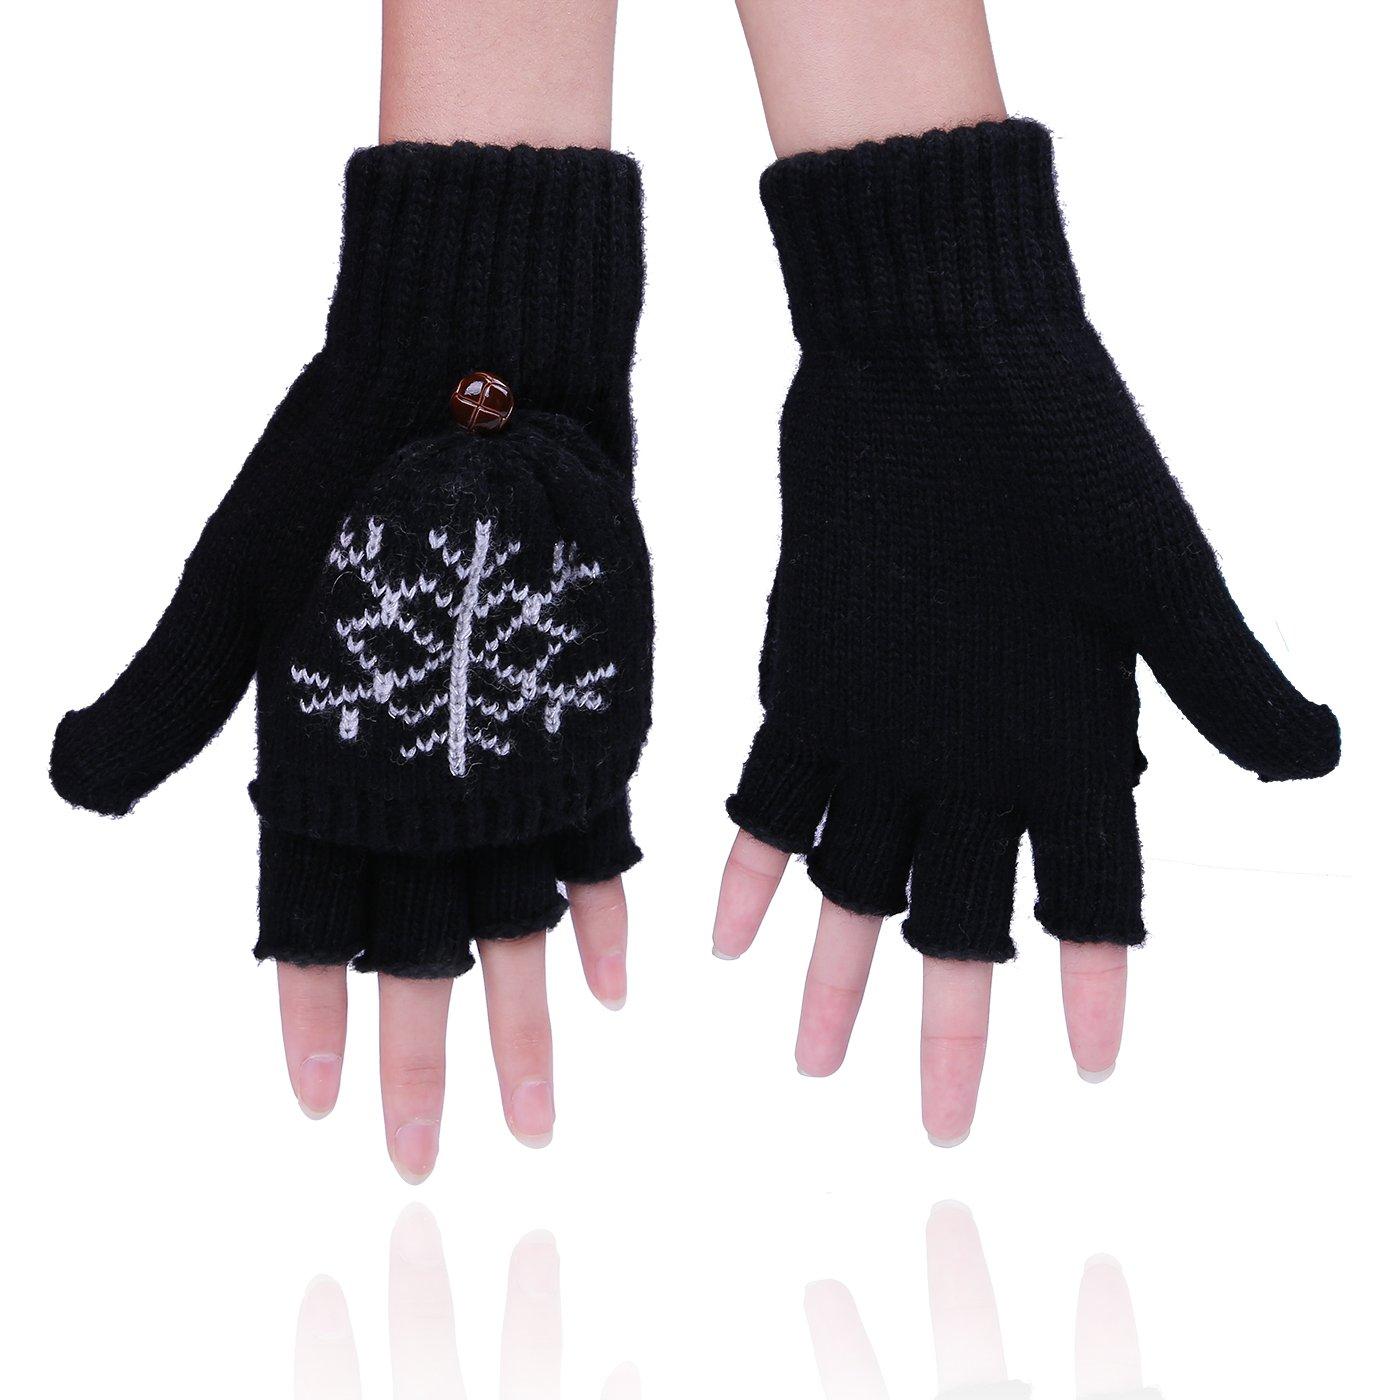 HDE Womens Fingerless Winter Gloves Convertible Texting Knit Mittens